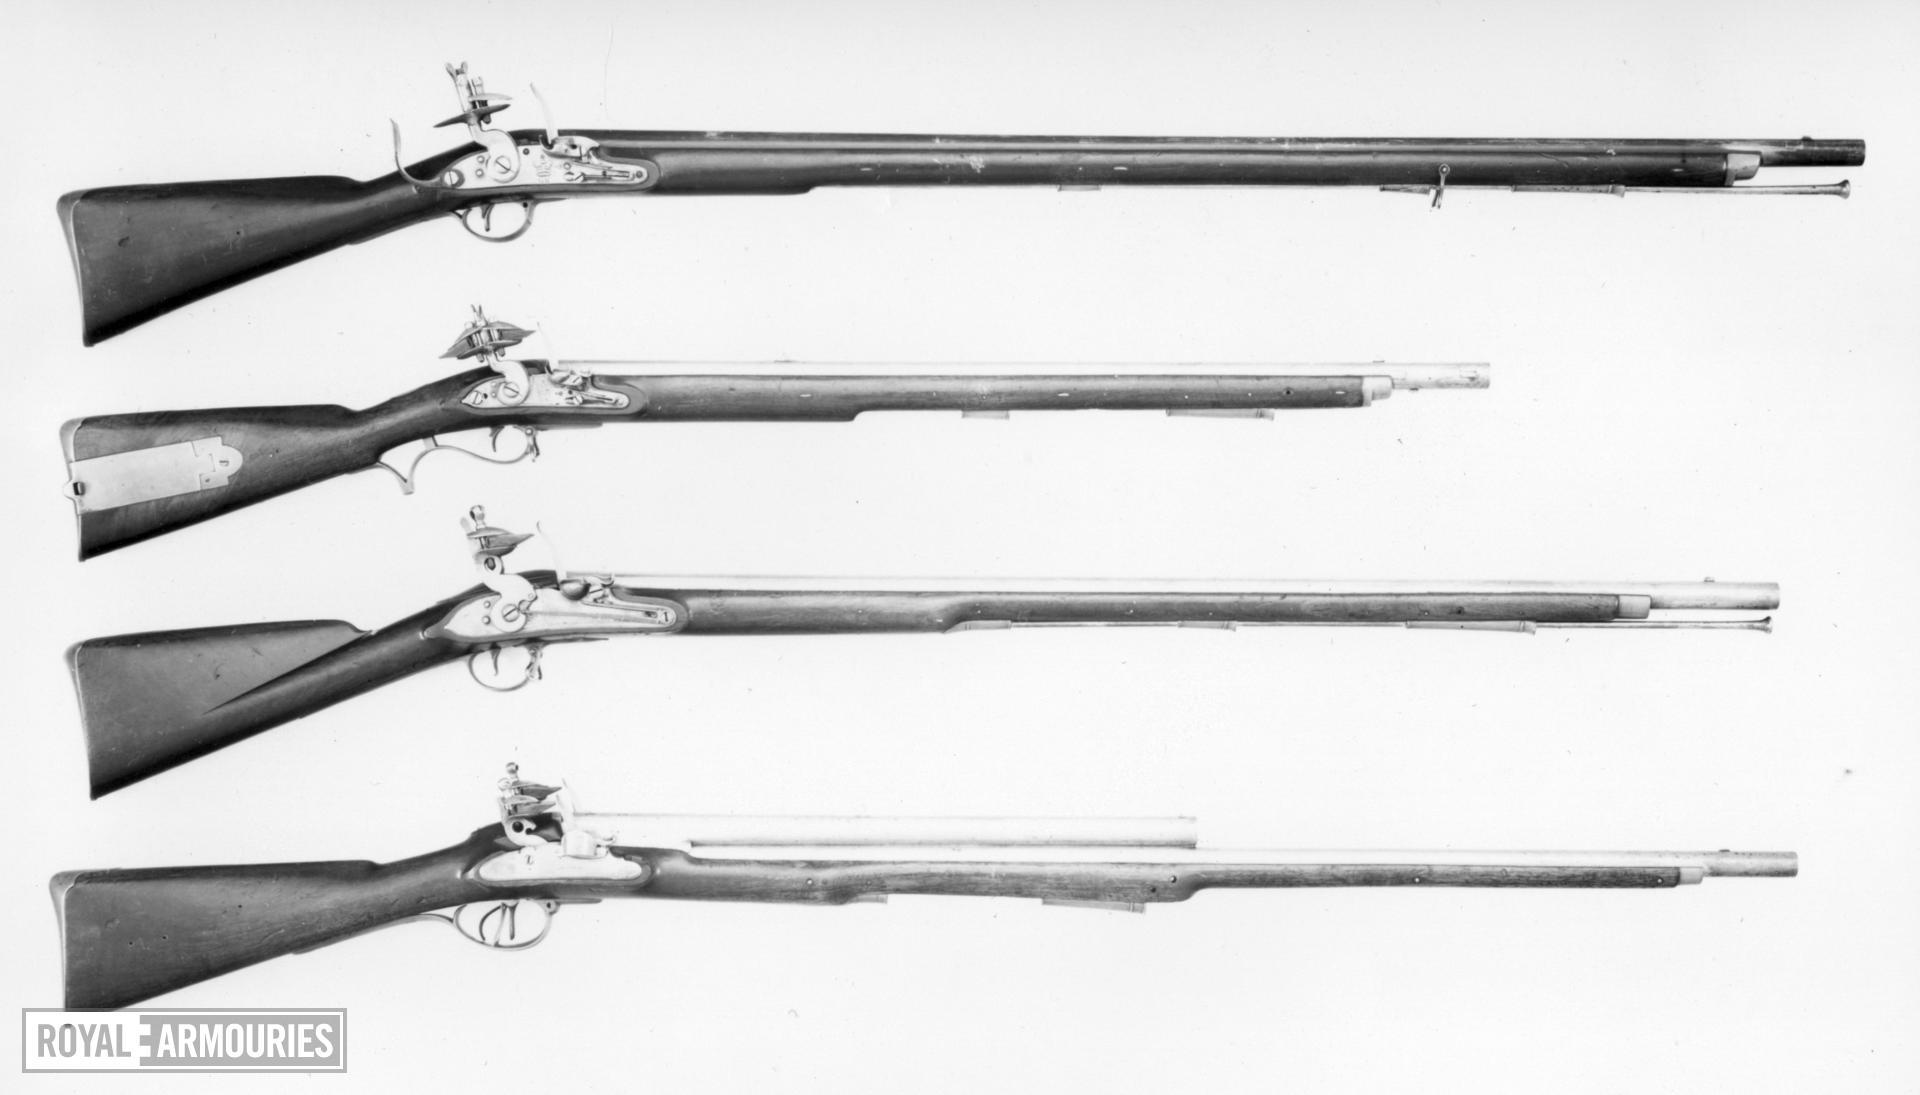 Flintlock muzzle-loading military musket - New Land Pattern